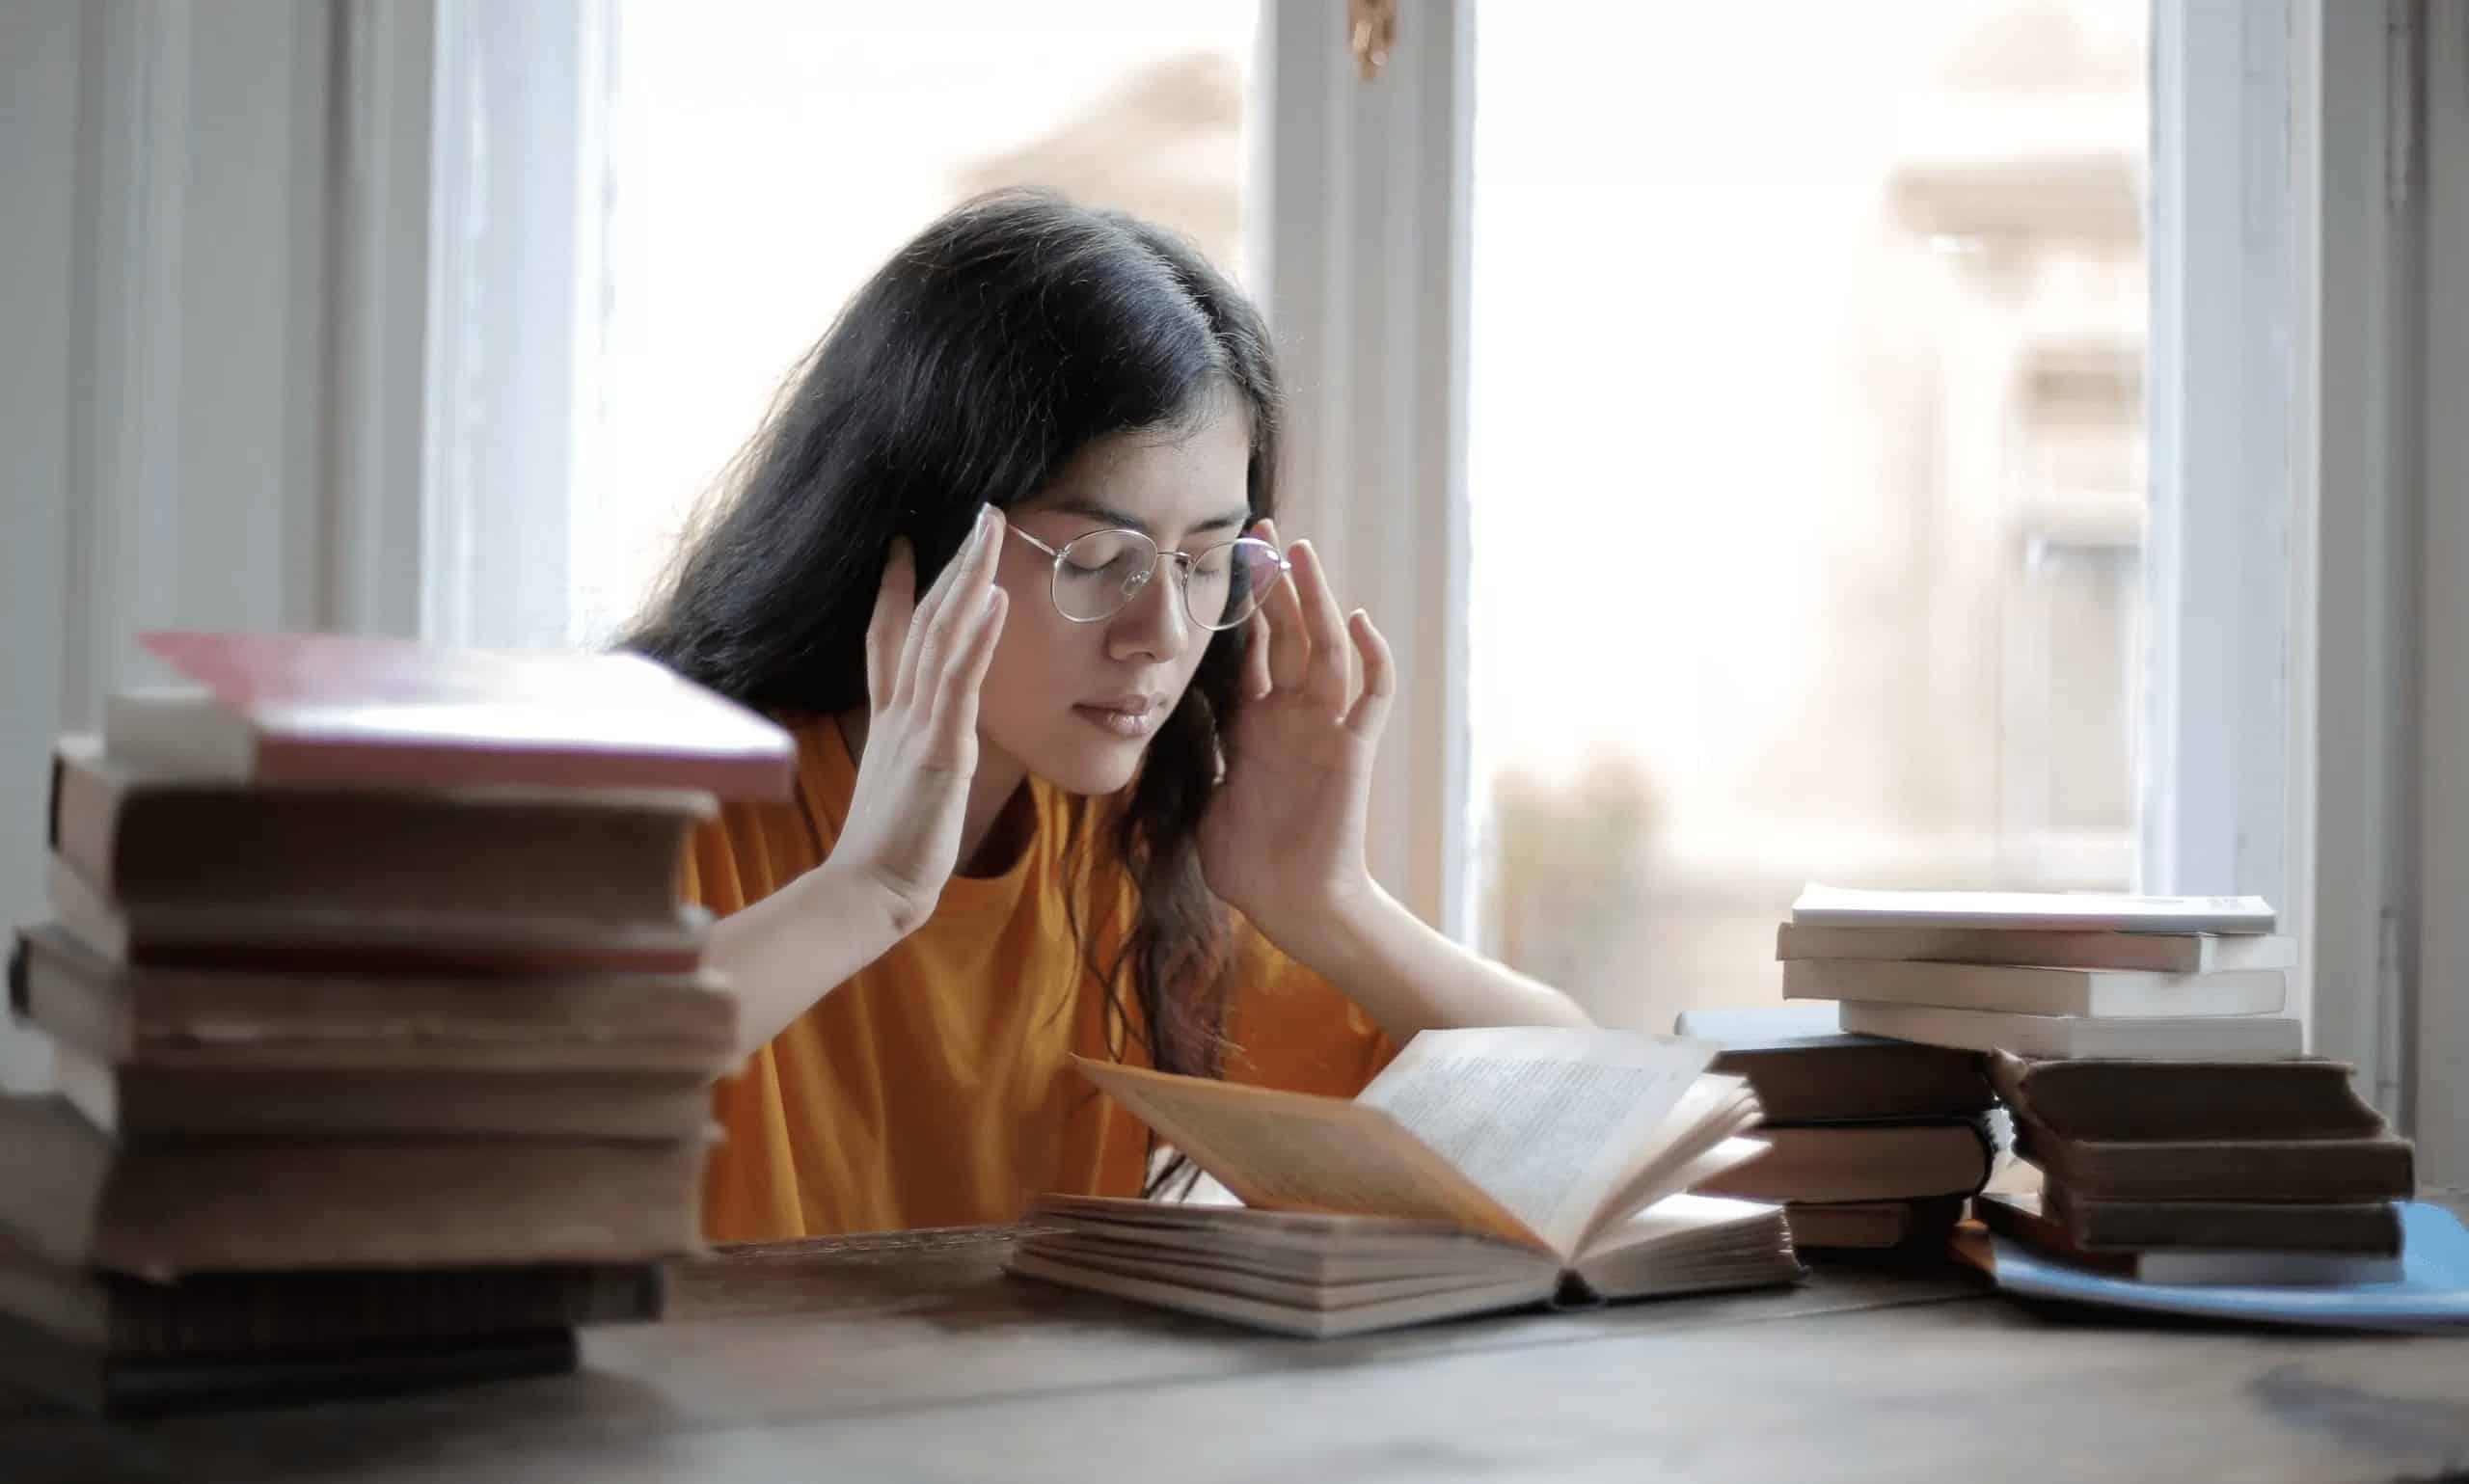 Como conseguir concentrarte para aprobar un examen